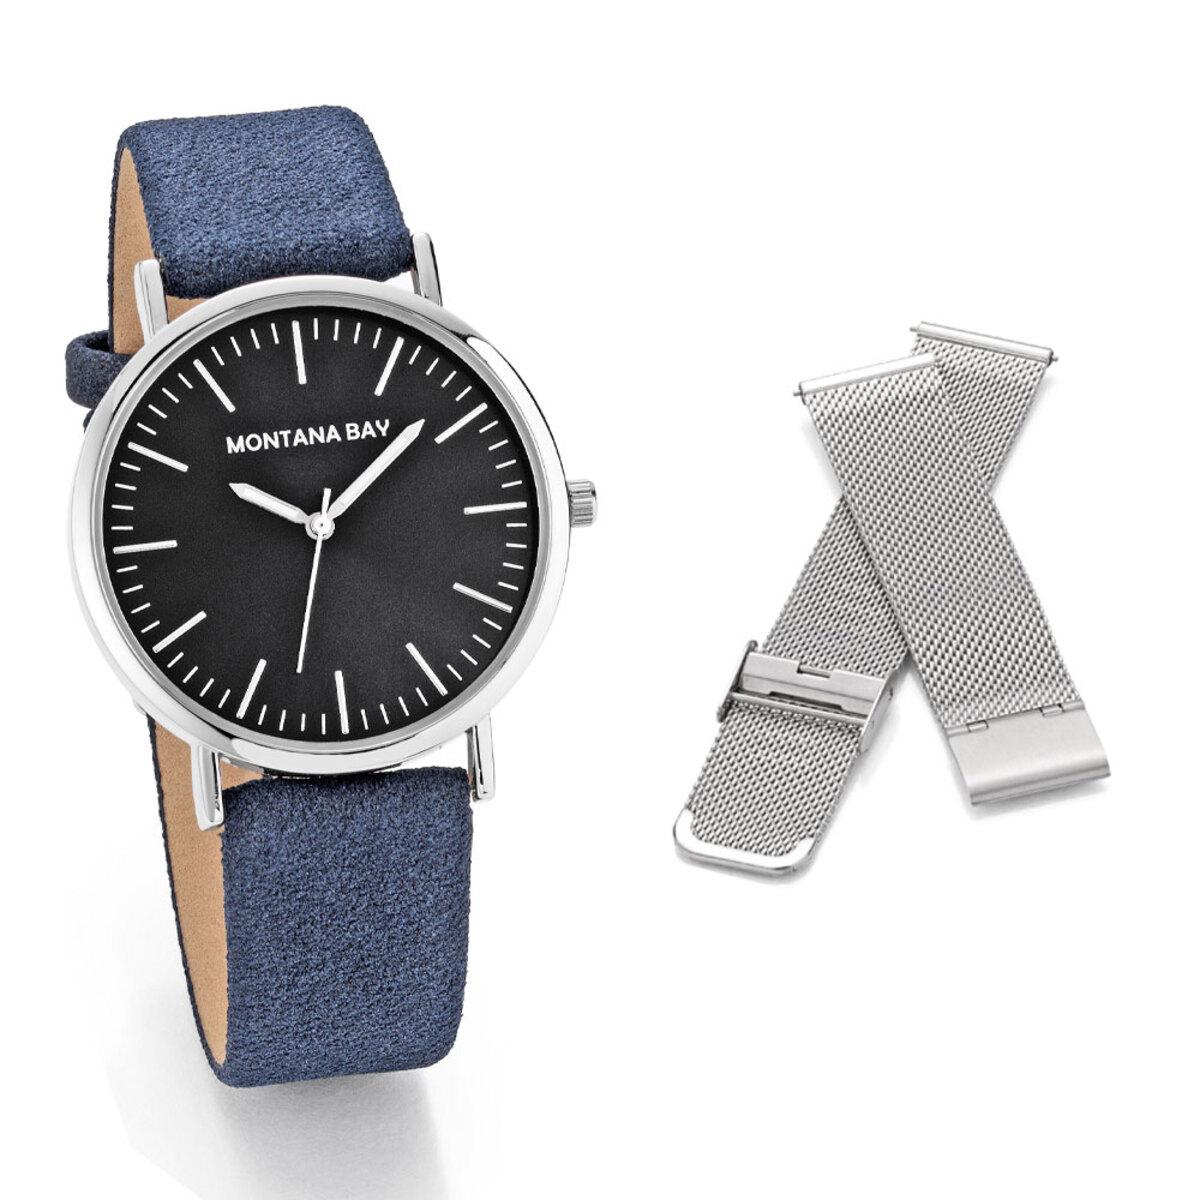 Bild 1 von Pacific Prime Unisex Armbanduhr, Sunny Blue